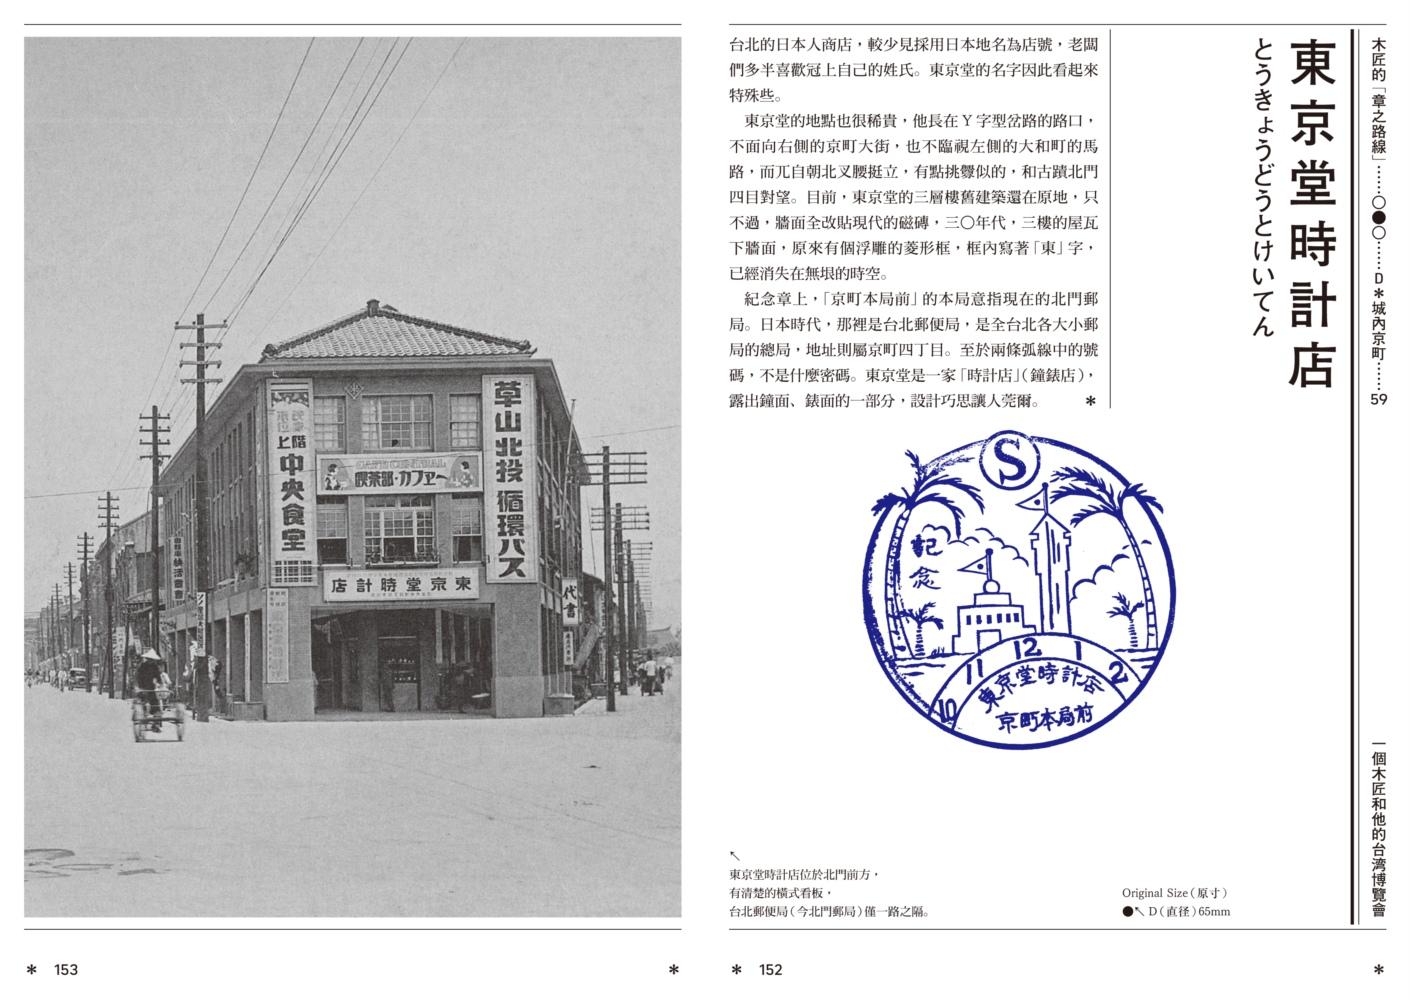 ◤博客來BOOKS◢ 暢銷書榜《推薦》一個木匠和他的台灣博覽會(附1935年『台灣博覽會紀念台北市街圖』、『台灣博覽會鳥瞰圖』復刻版古地圖